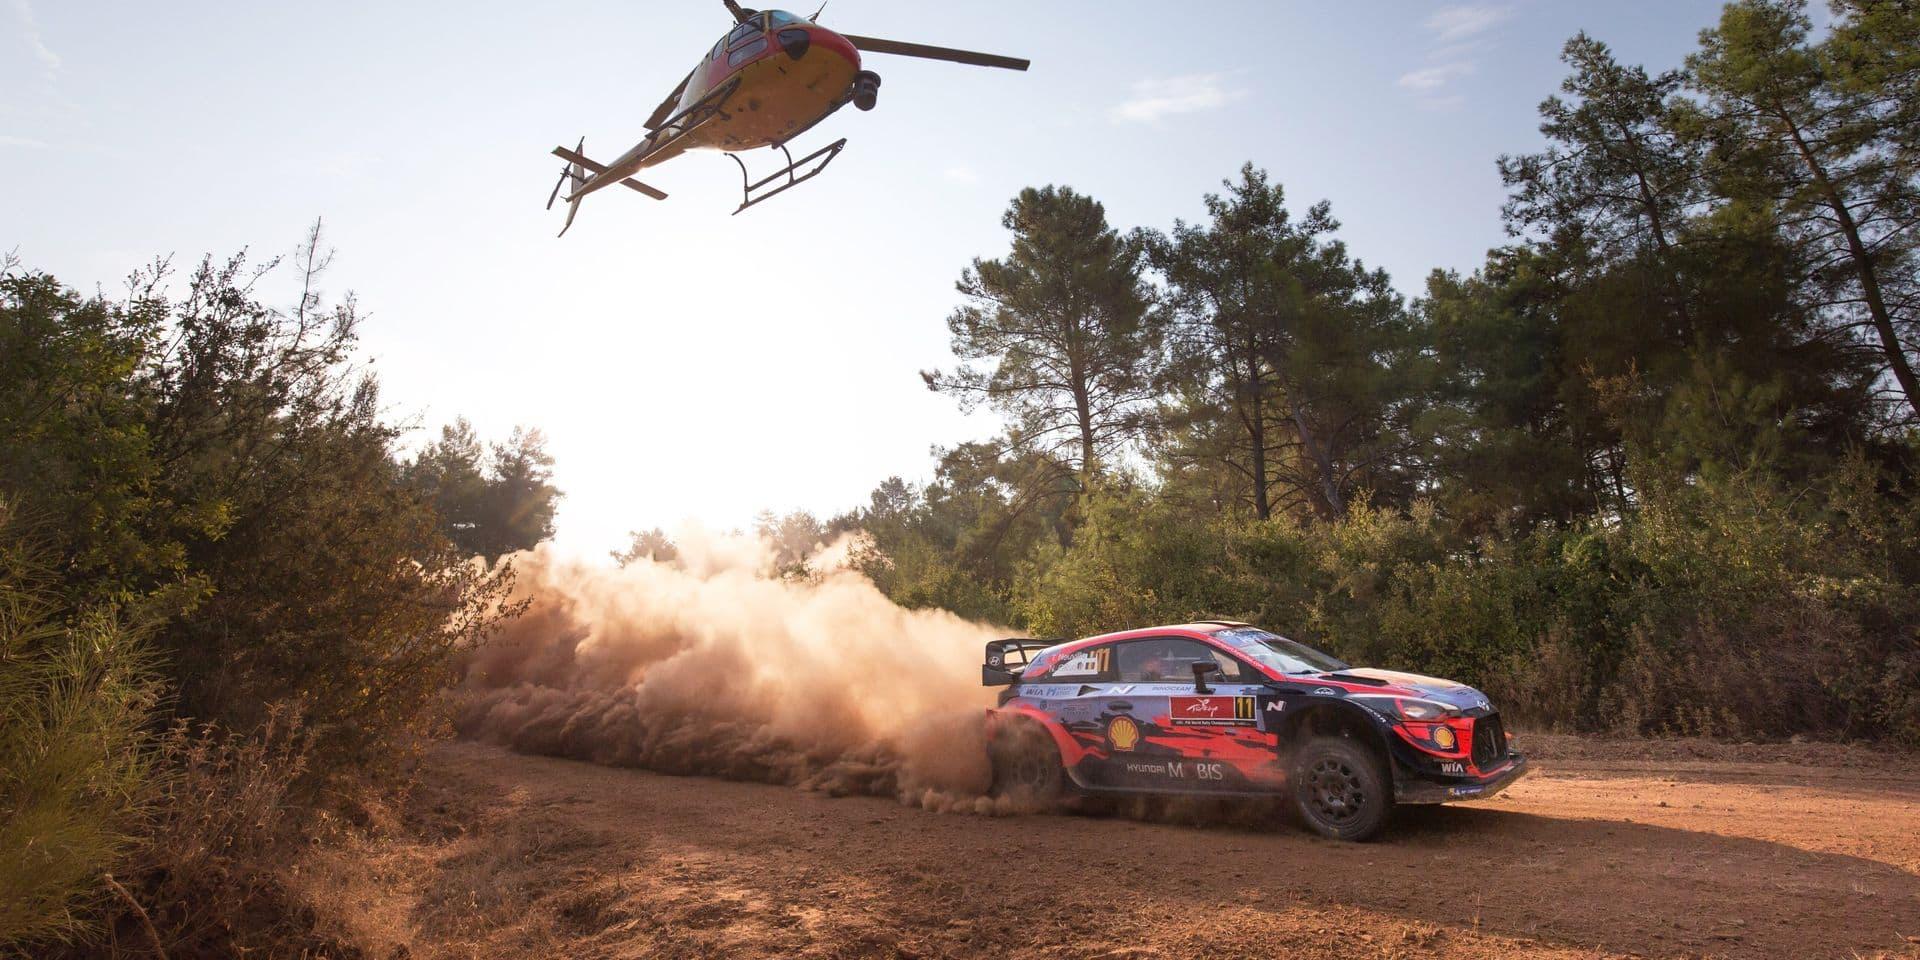 Rallye de Turquie (Après ES10): Neuville crève, Evans passe en tête